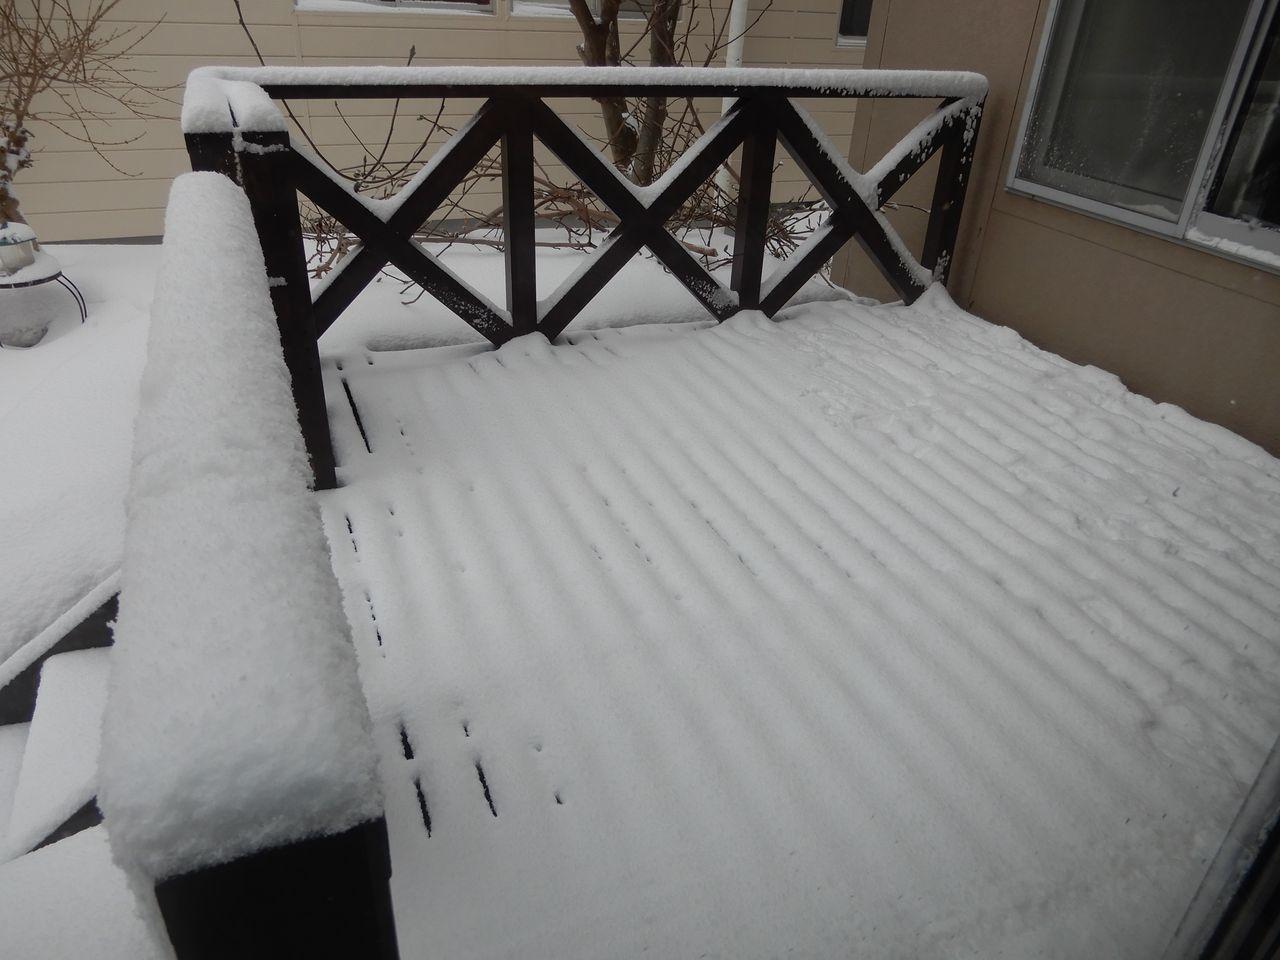 真冬日も覚悟していたものの意外と暖かく最高気温がプラス2.3℃_c0025115_20442707.jpg